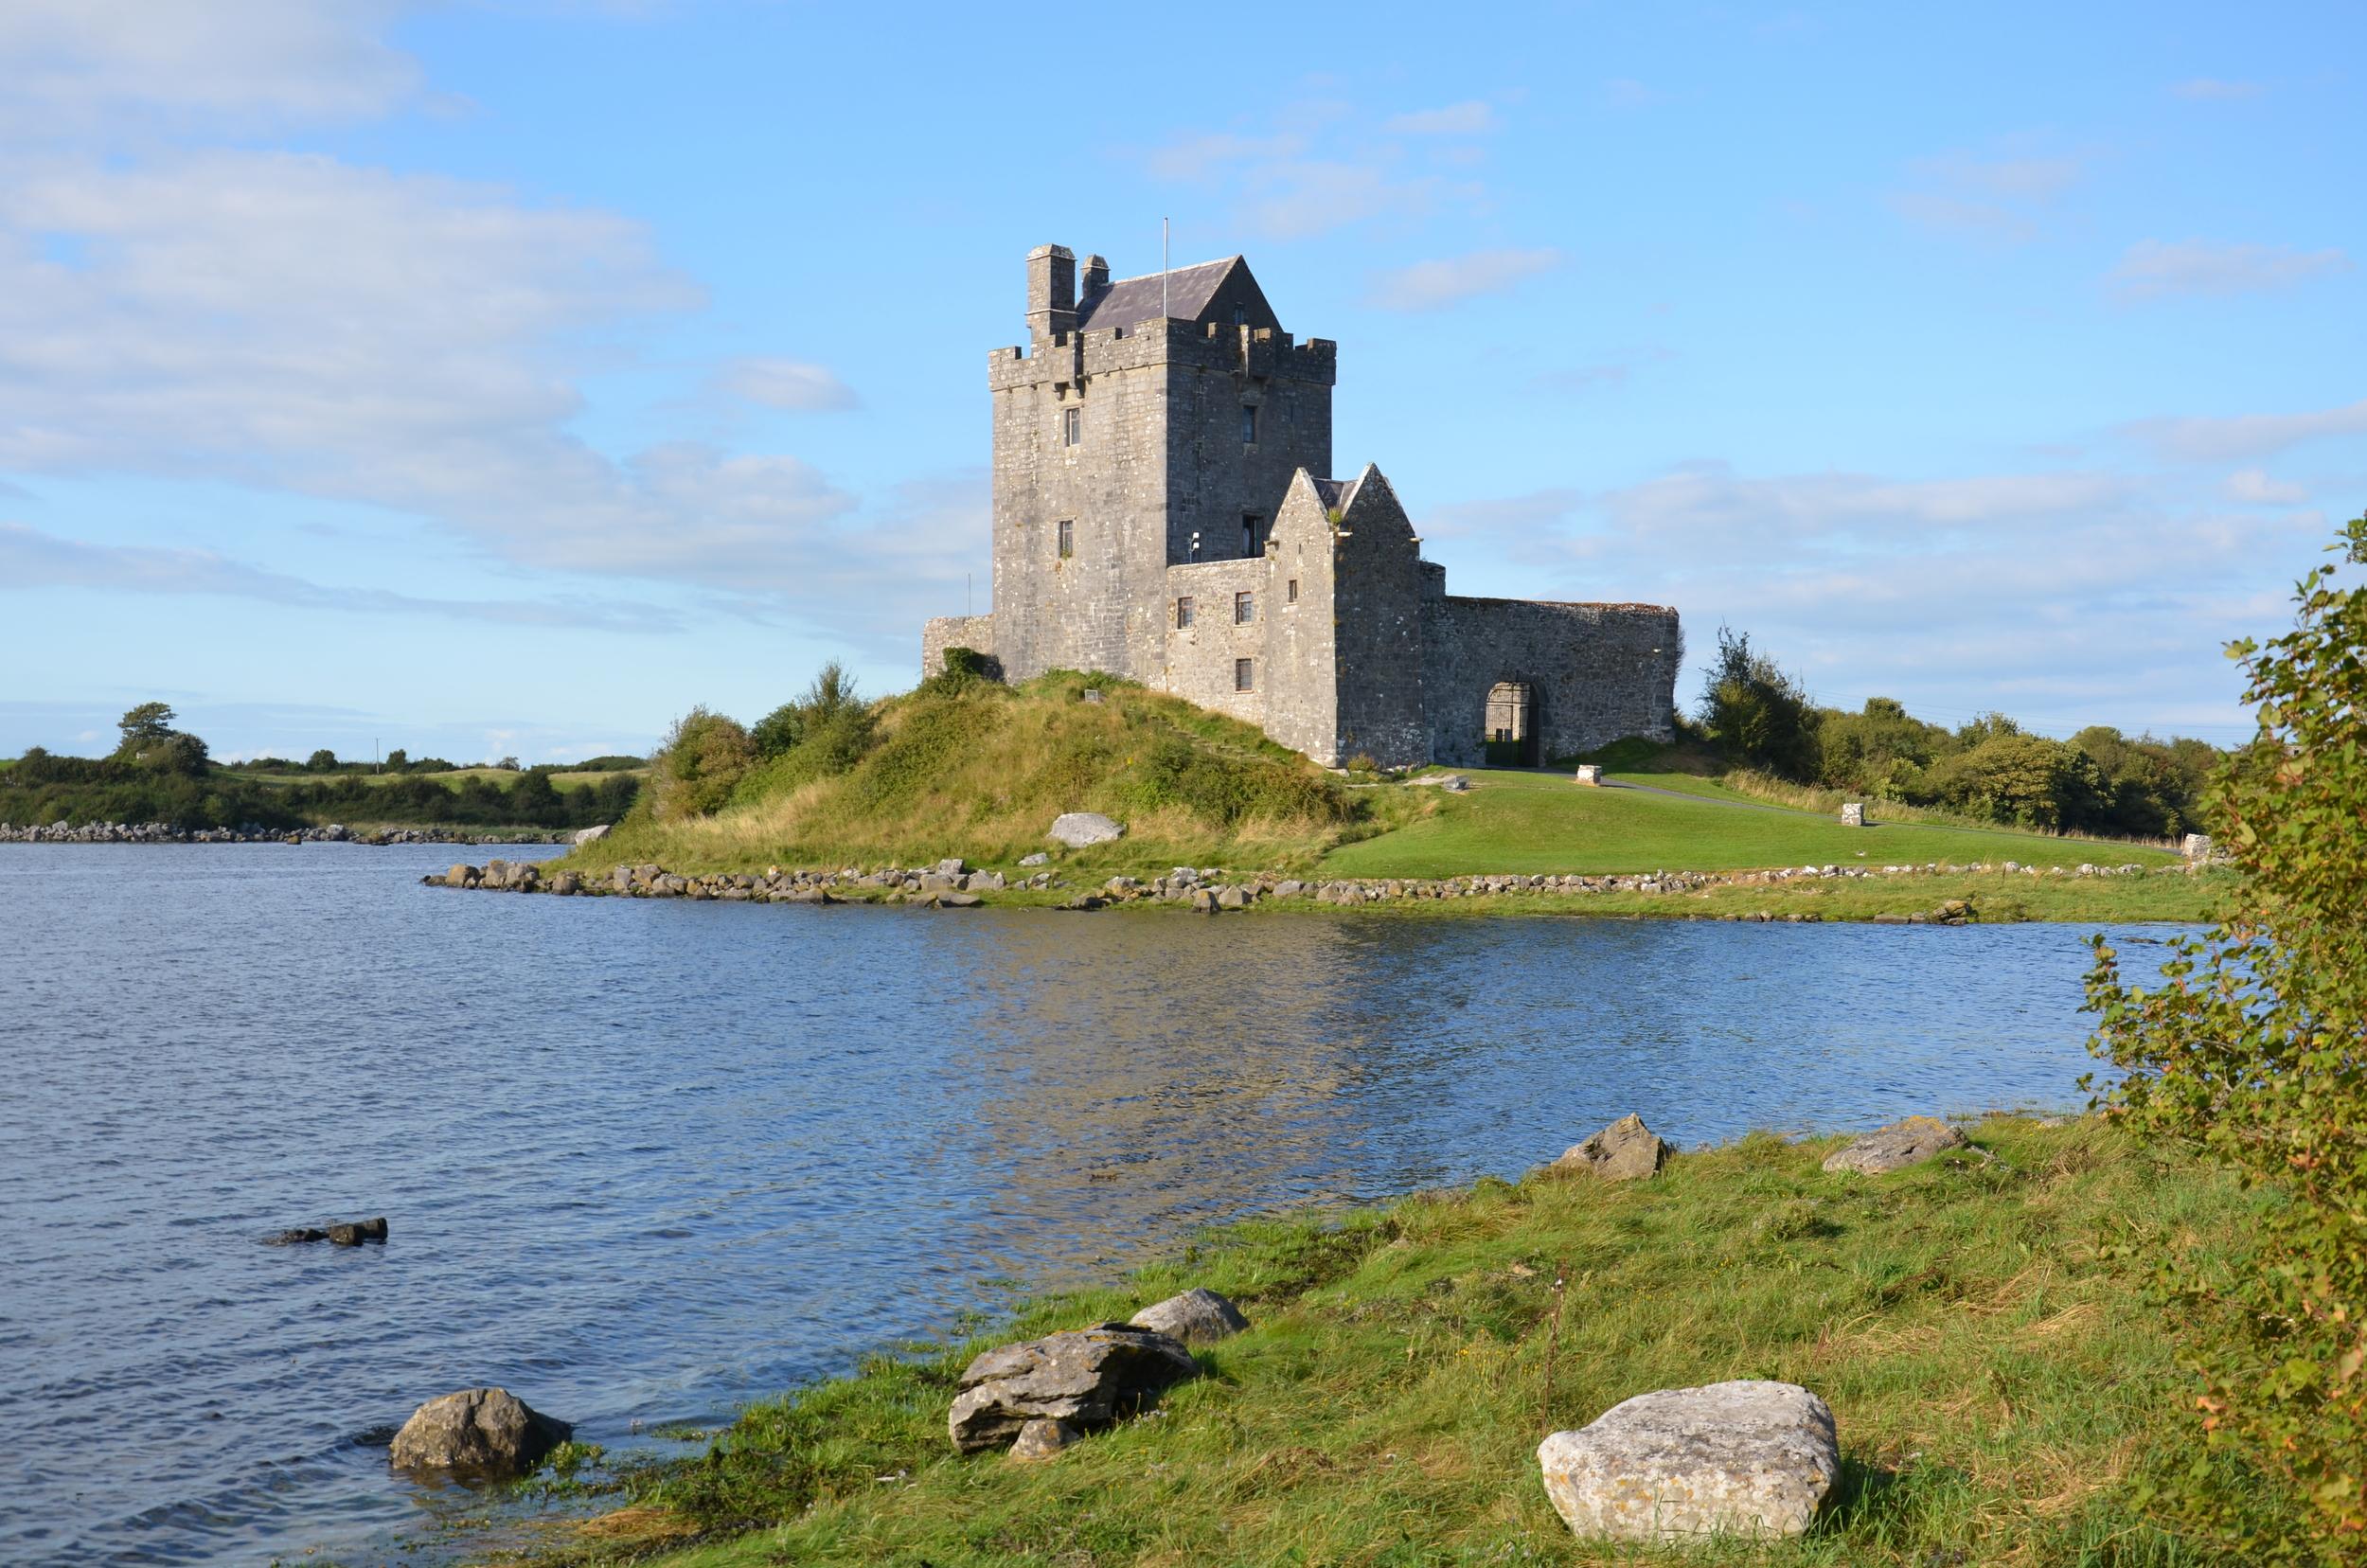 Castle along the road